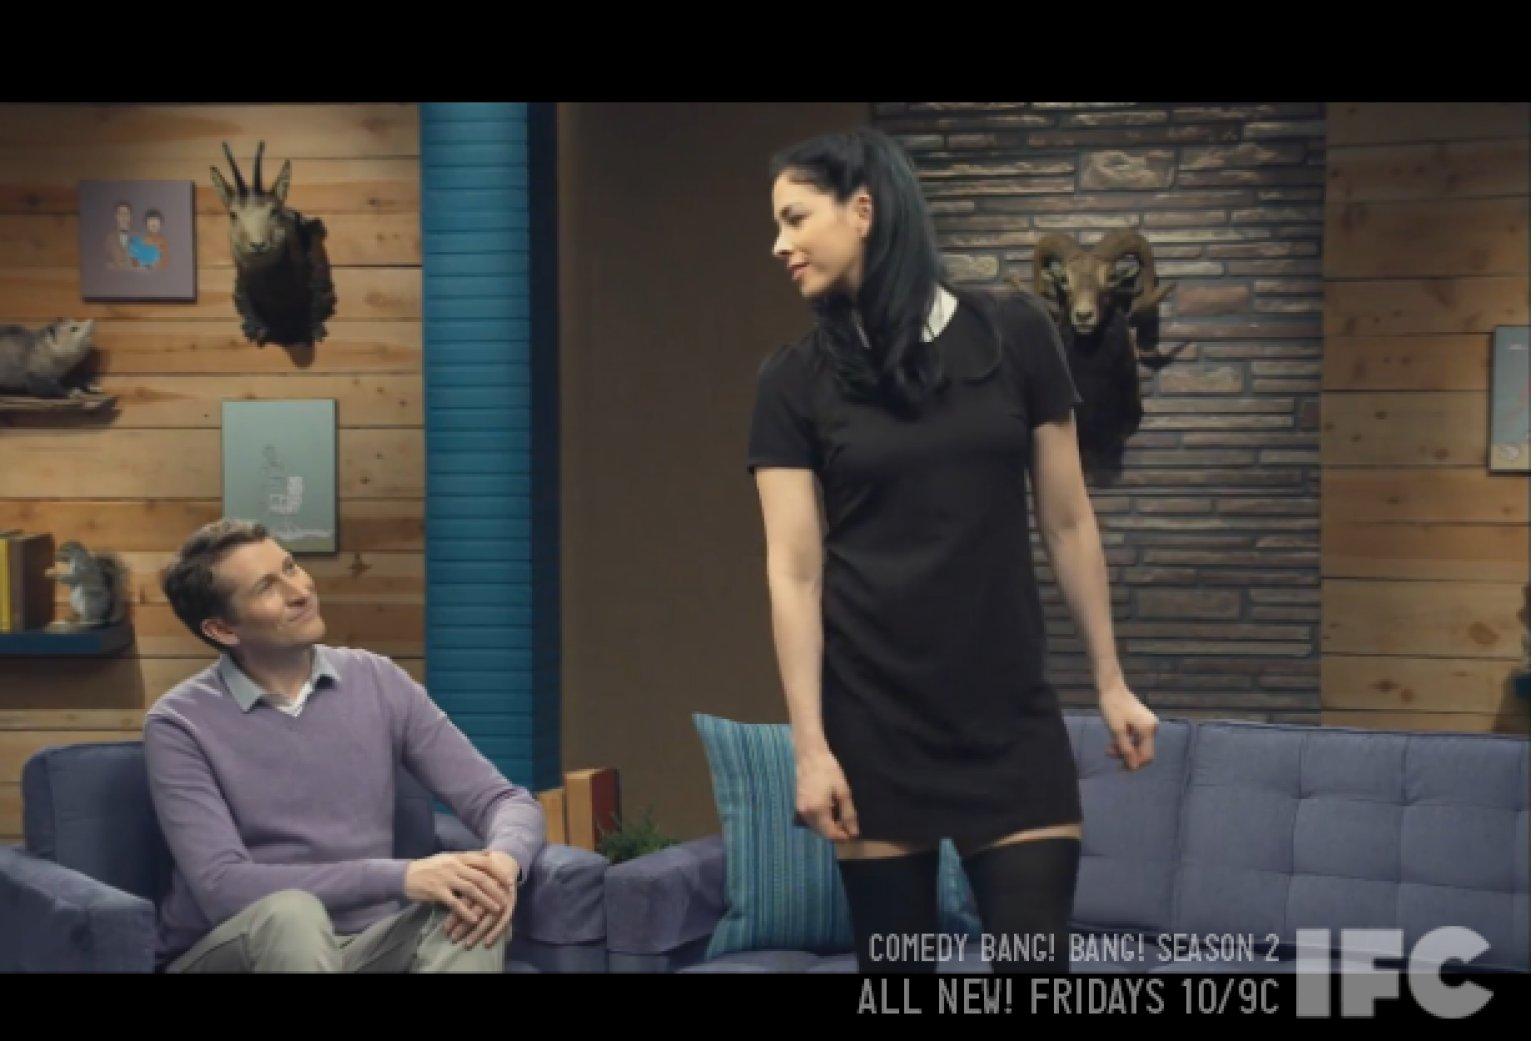 Sarah Silverman Dances On 'Comedy Bang! Bang!' And Things ...